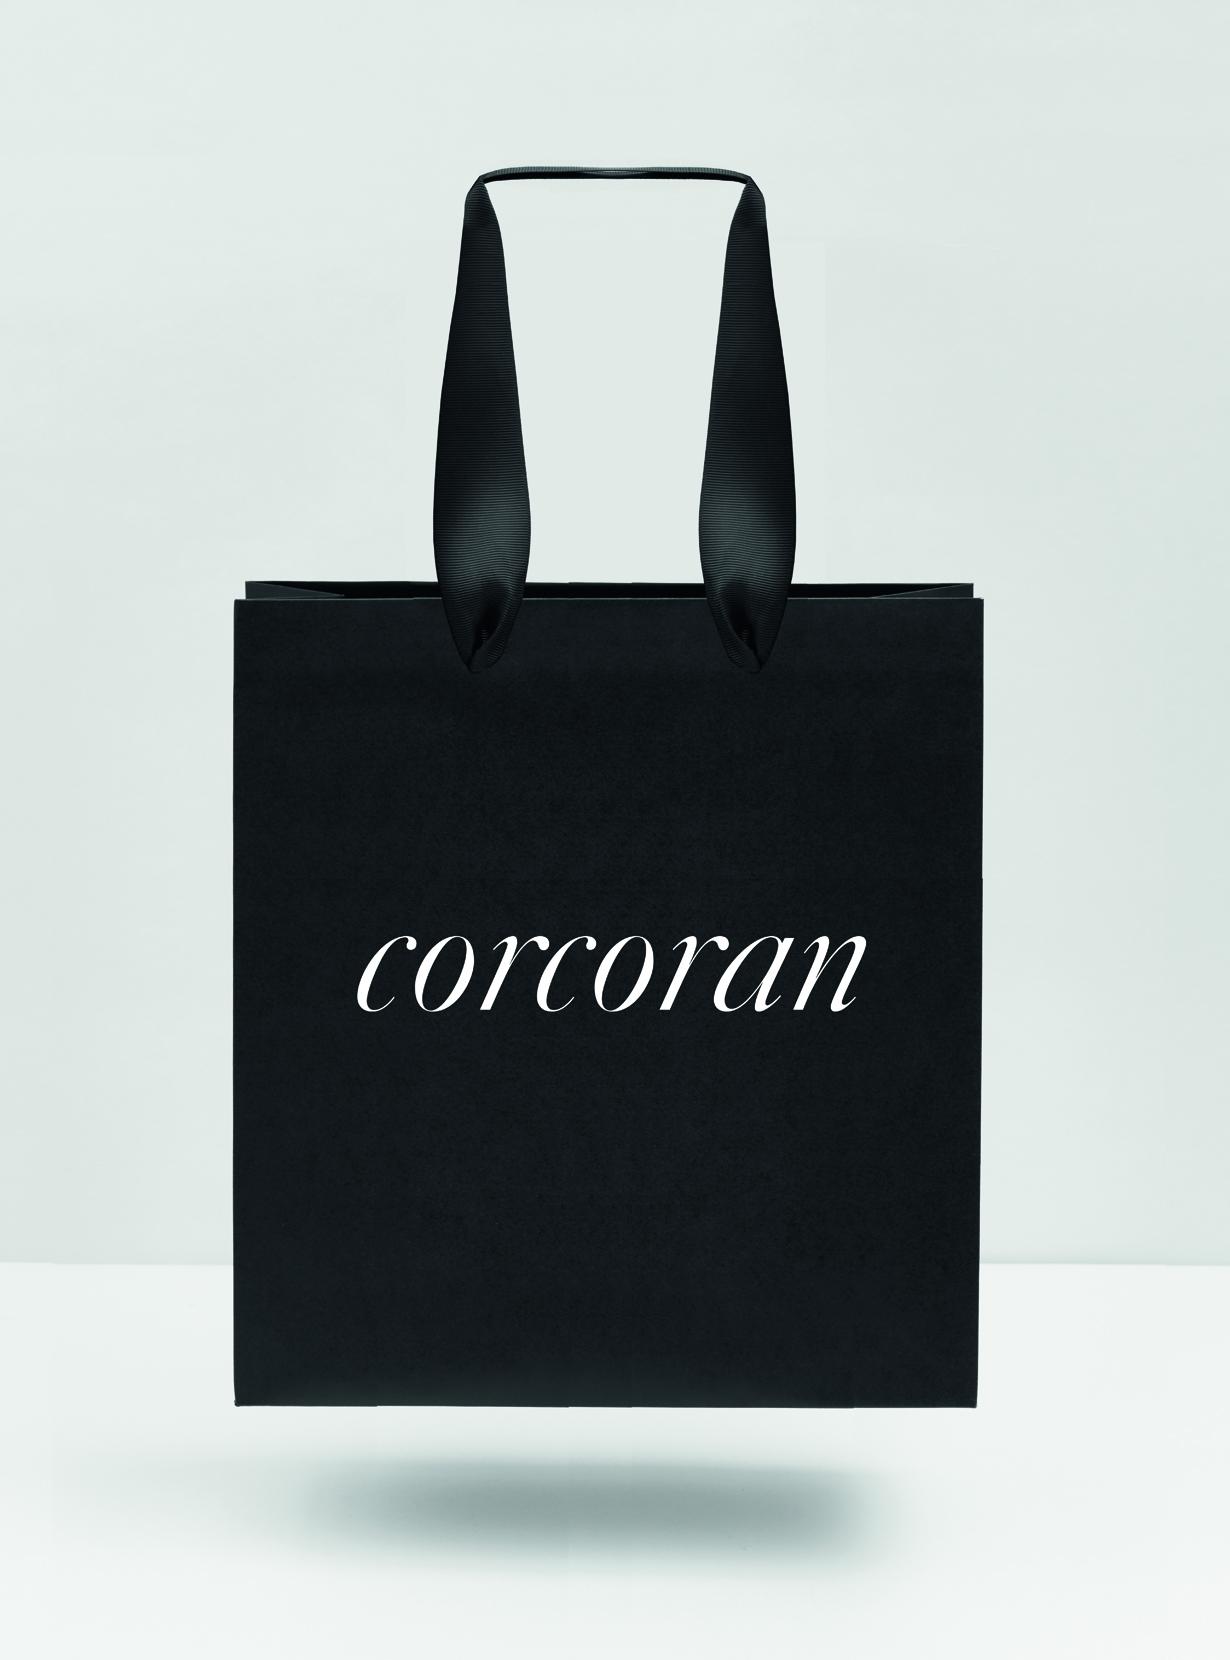 04_Corcoran_Branding_2500x1660_left.jpg